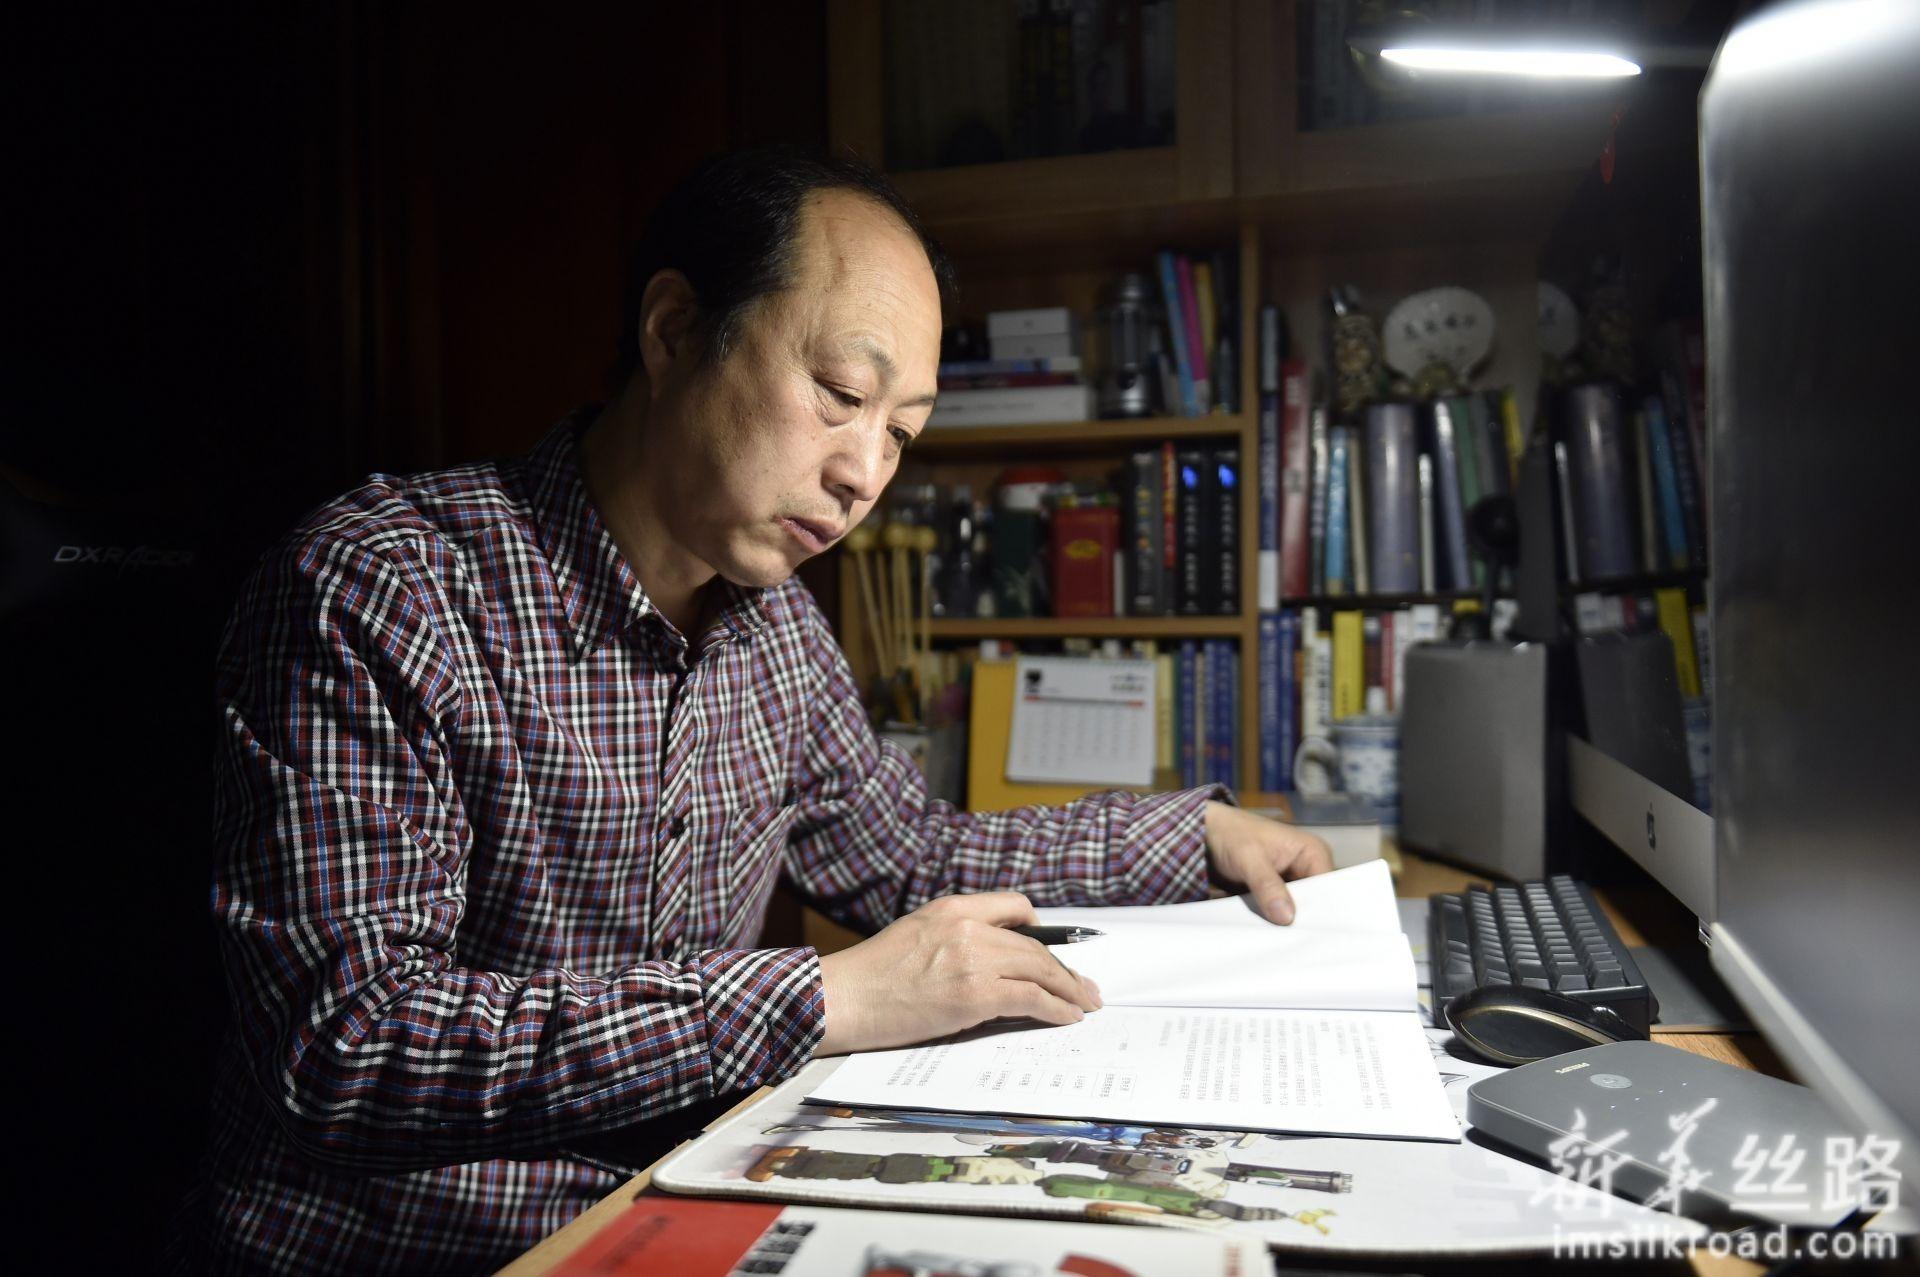 林学斌在家记录当天生产中遇到的问题(4月29日摄)。新华社记者 姚剑锋 摄